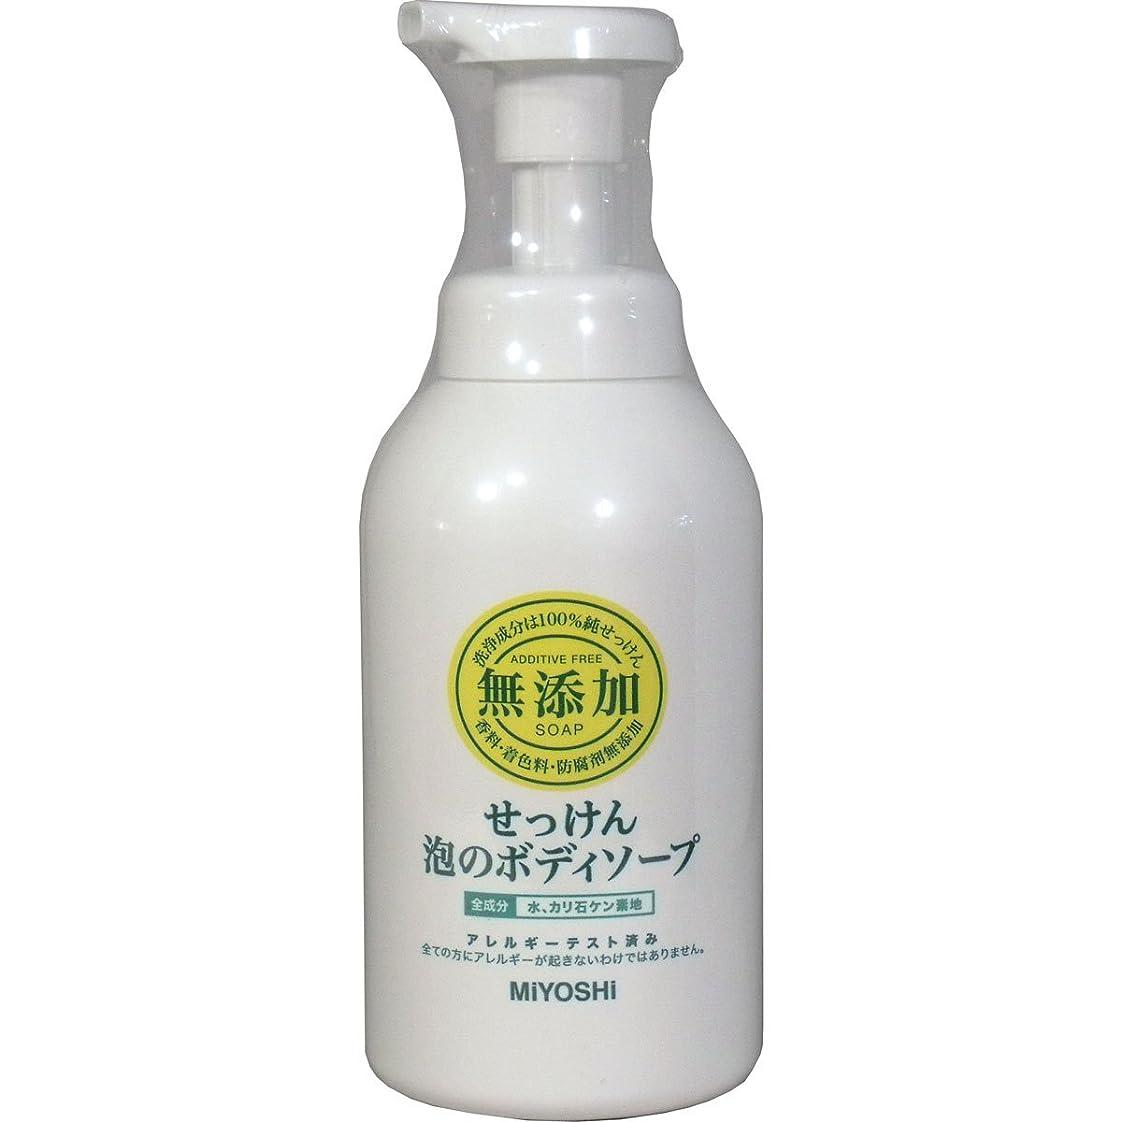 近代化する切るアヒル【お徳用 4 セット】 ミヨシ 無添加 せっけん 泡のボディソープ 500ml(無添加石鹸)×4セット